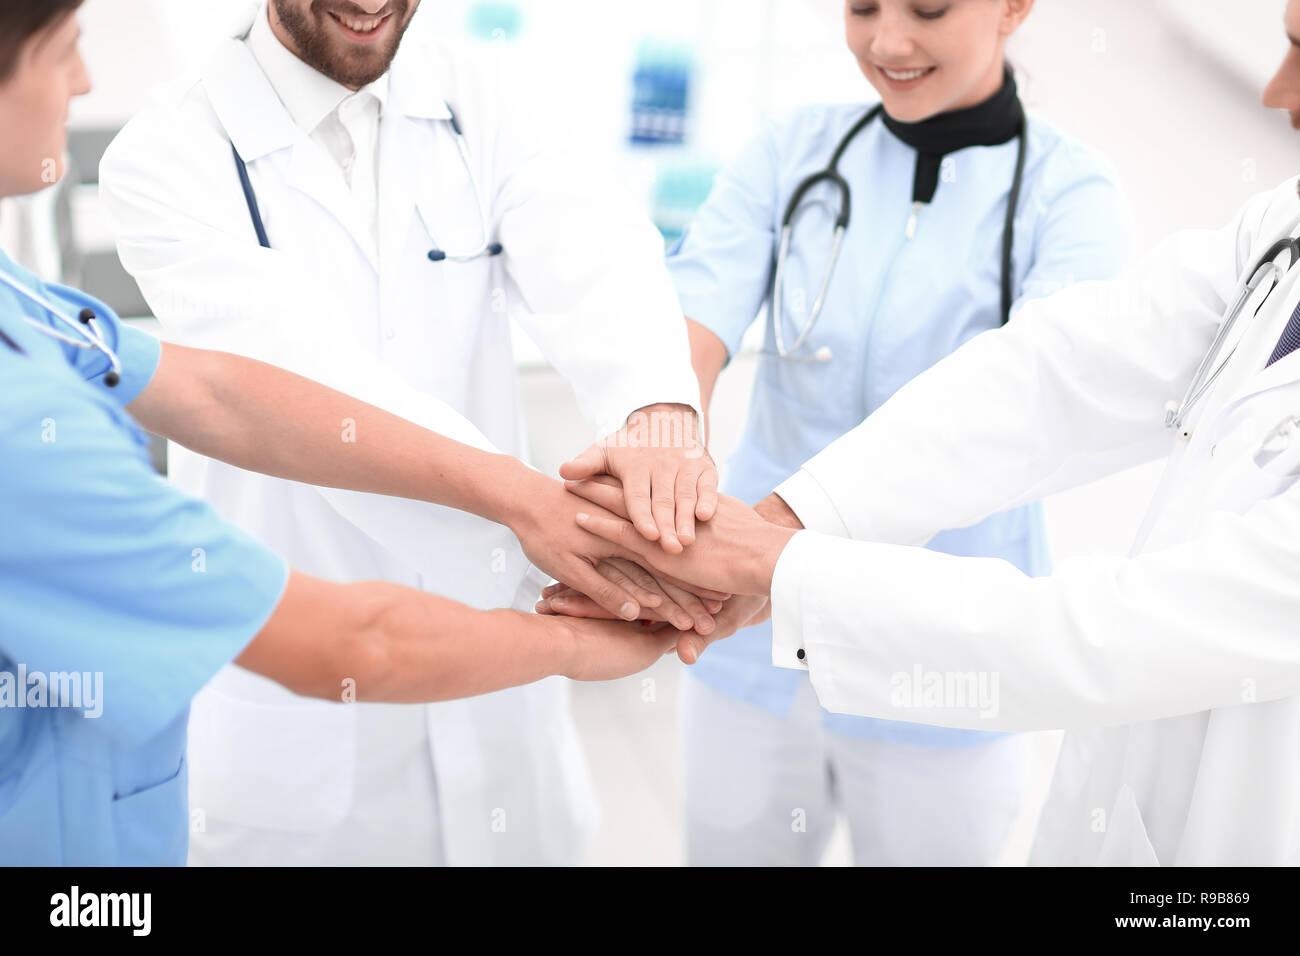 Los médicos la celebración de manos juntas en el hospital Foto de stock